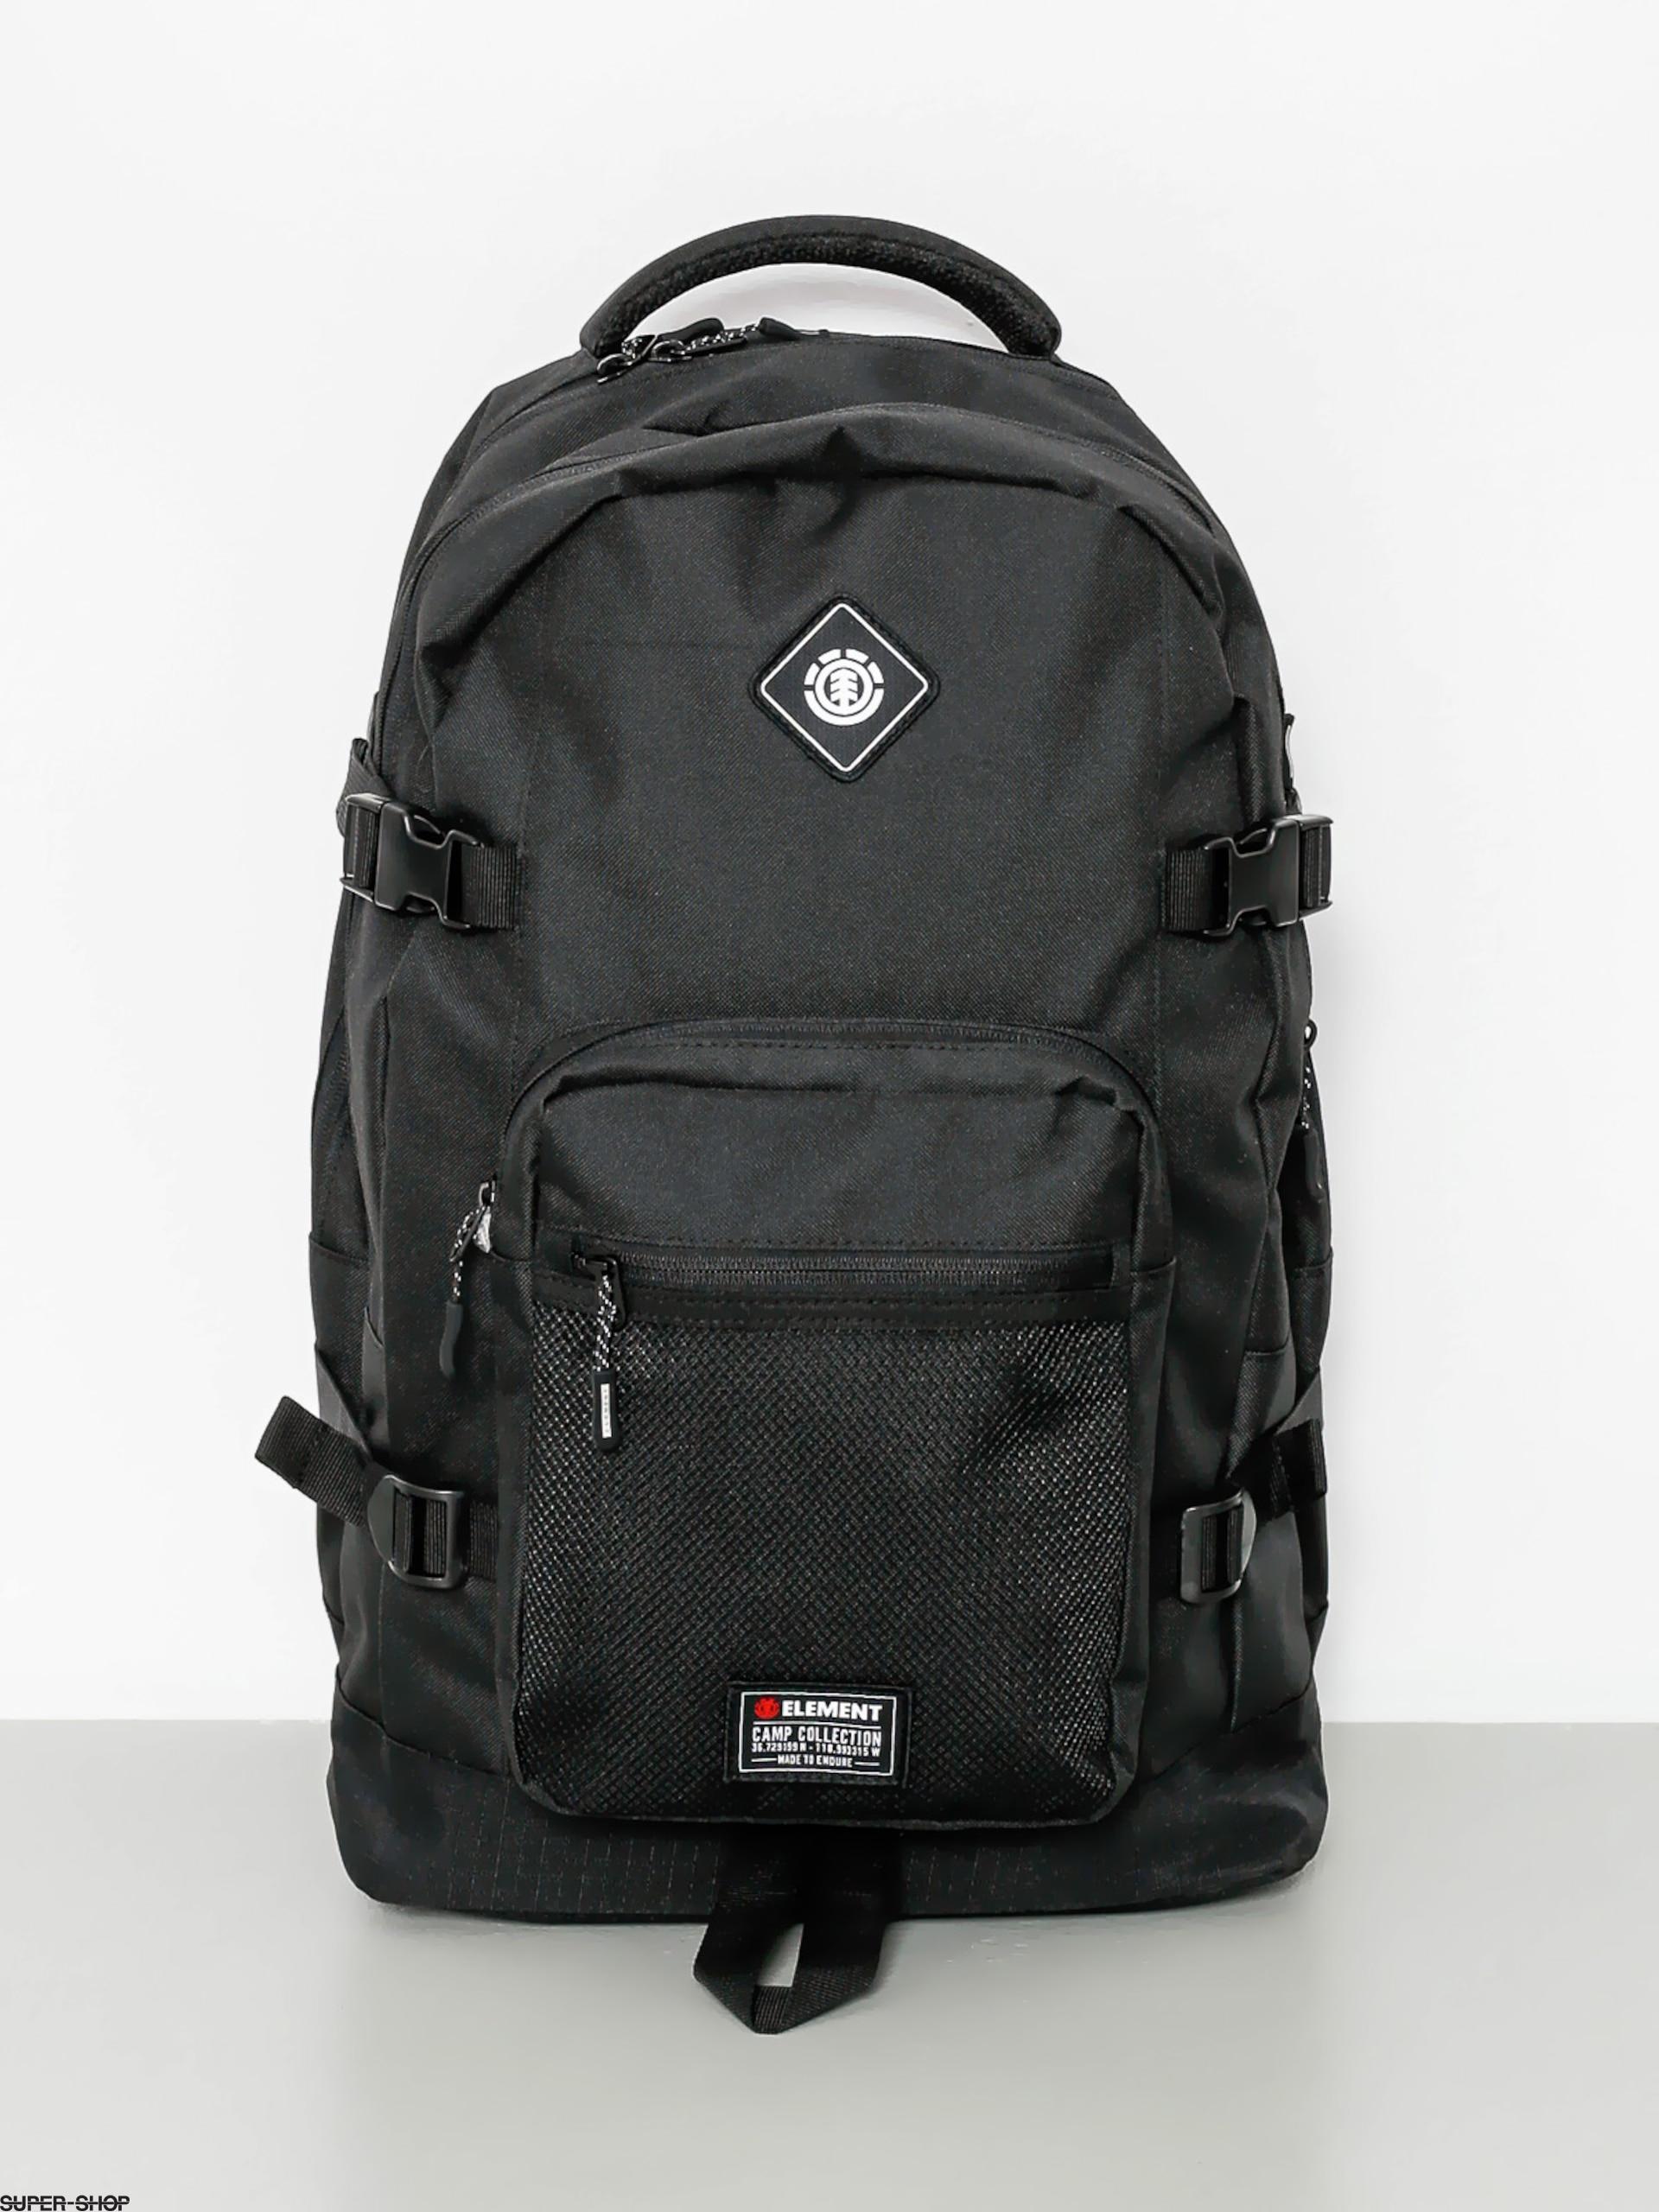 4b16e5c71dfb4 942503-w1920-element-backpack-ranker-flint-black.jpg